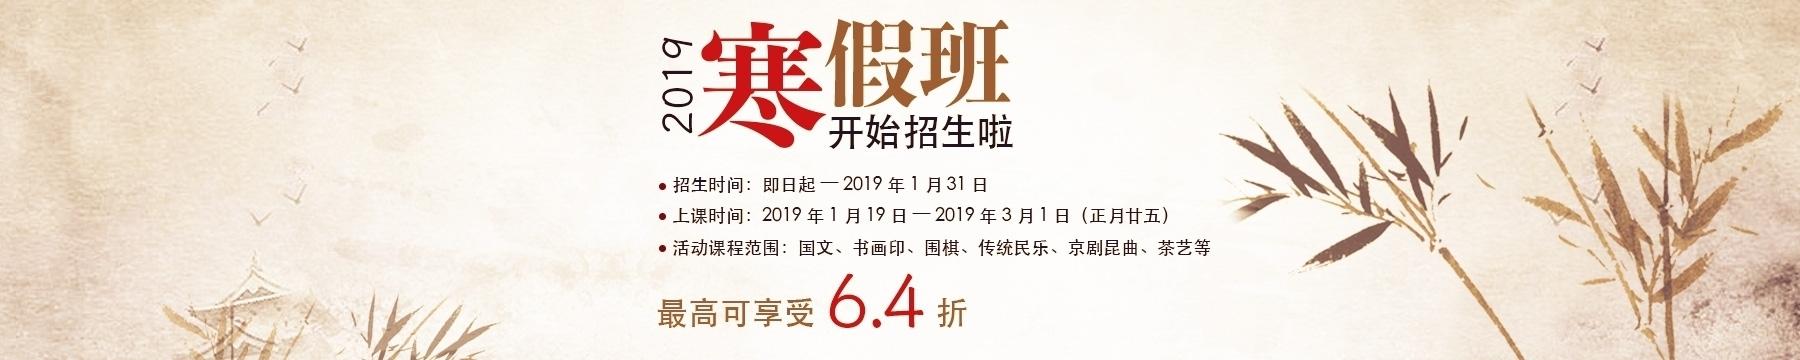 佛山秦汉胡同国学